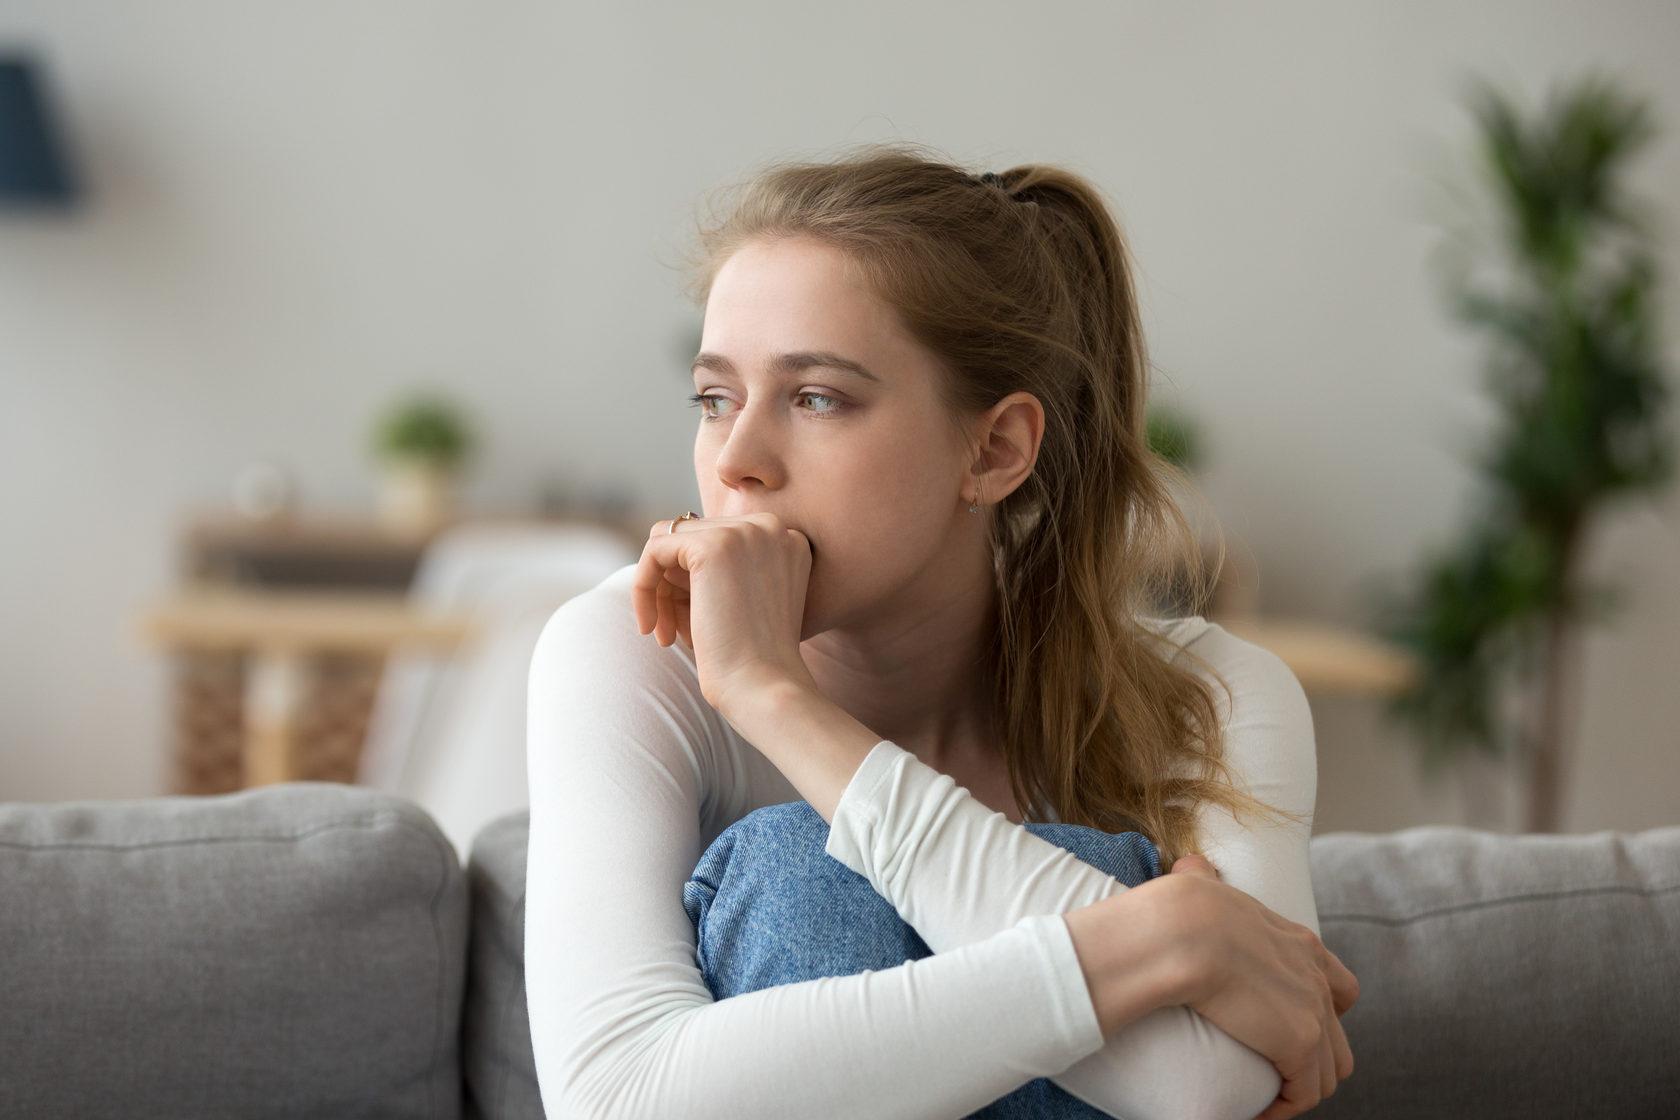 Симптомы депрессии плохое настроение